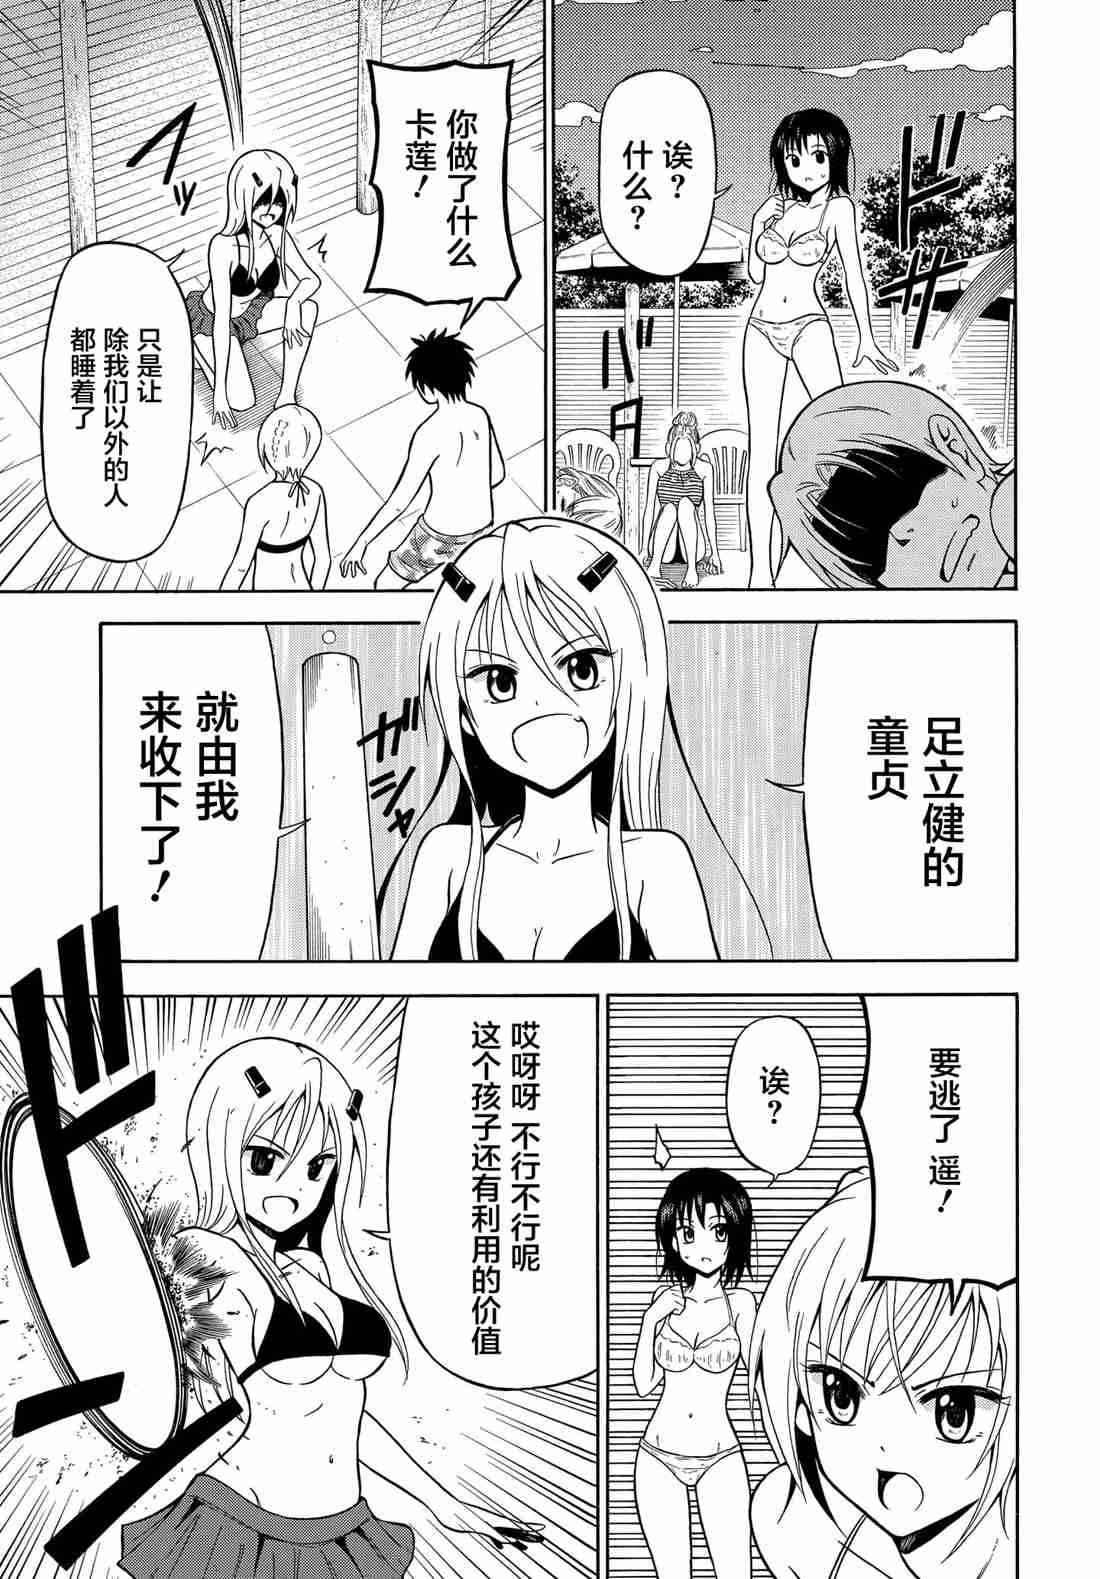 童貞與終結者女友: 08话 - 第7页